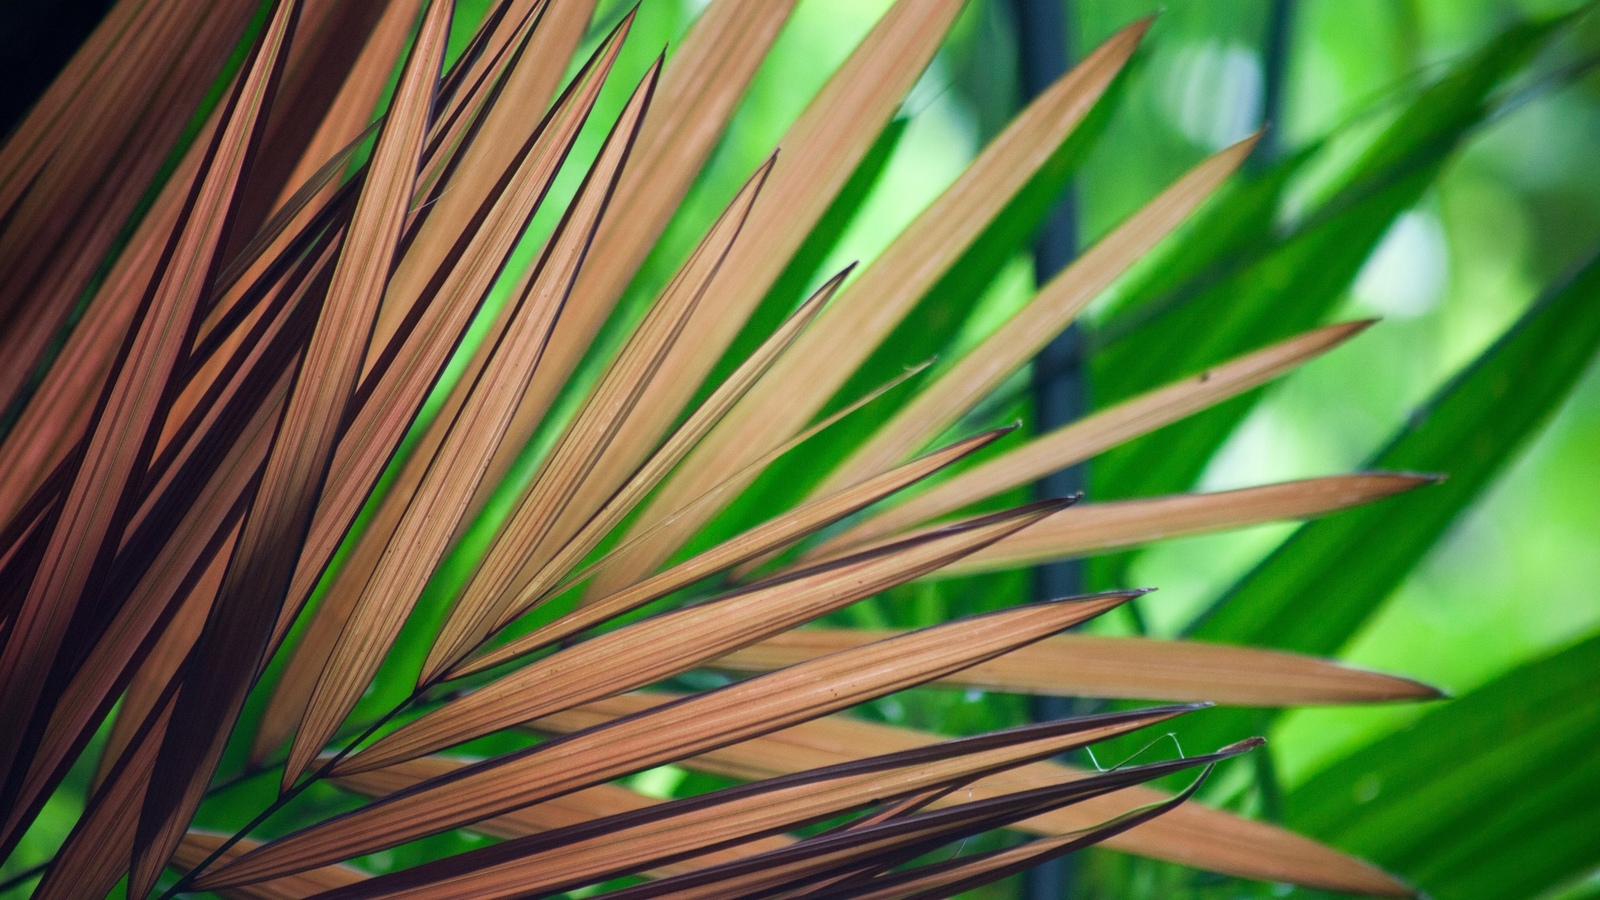 ветка, пальмы, макро тема